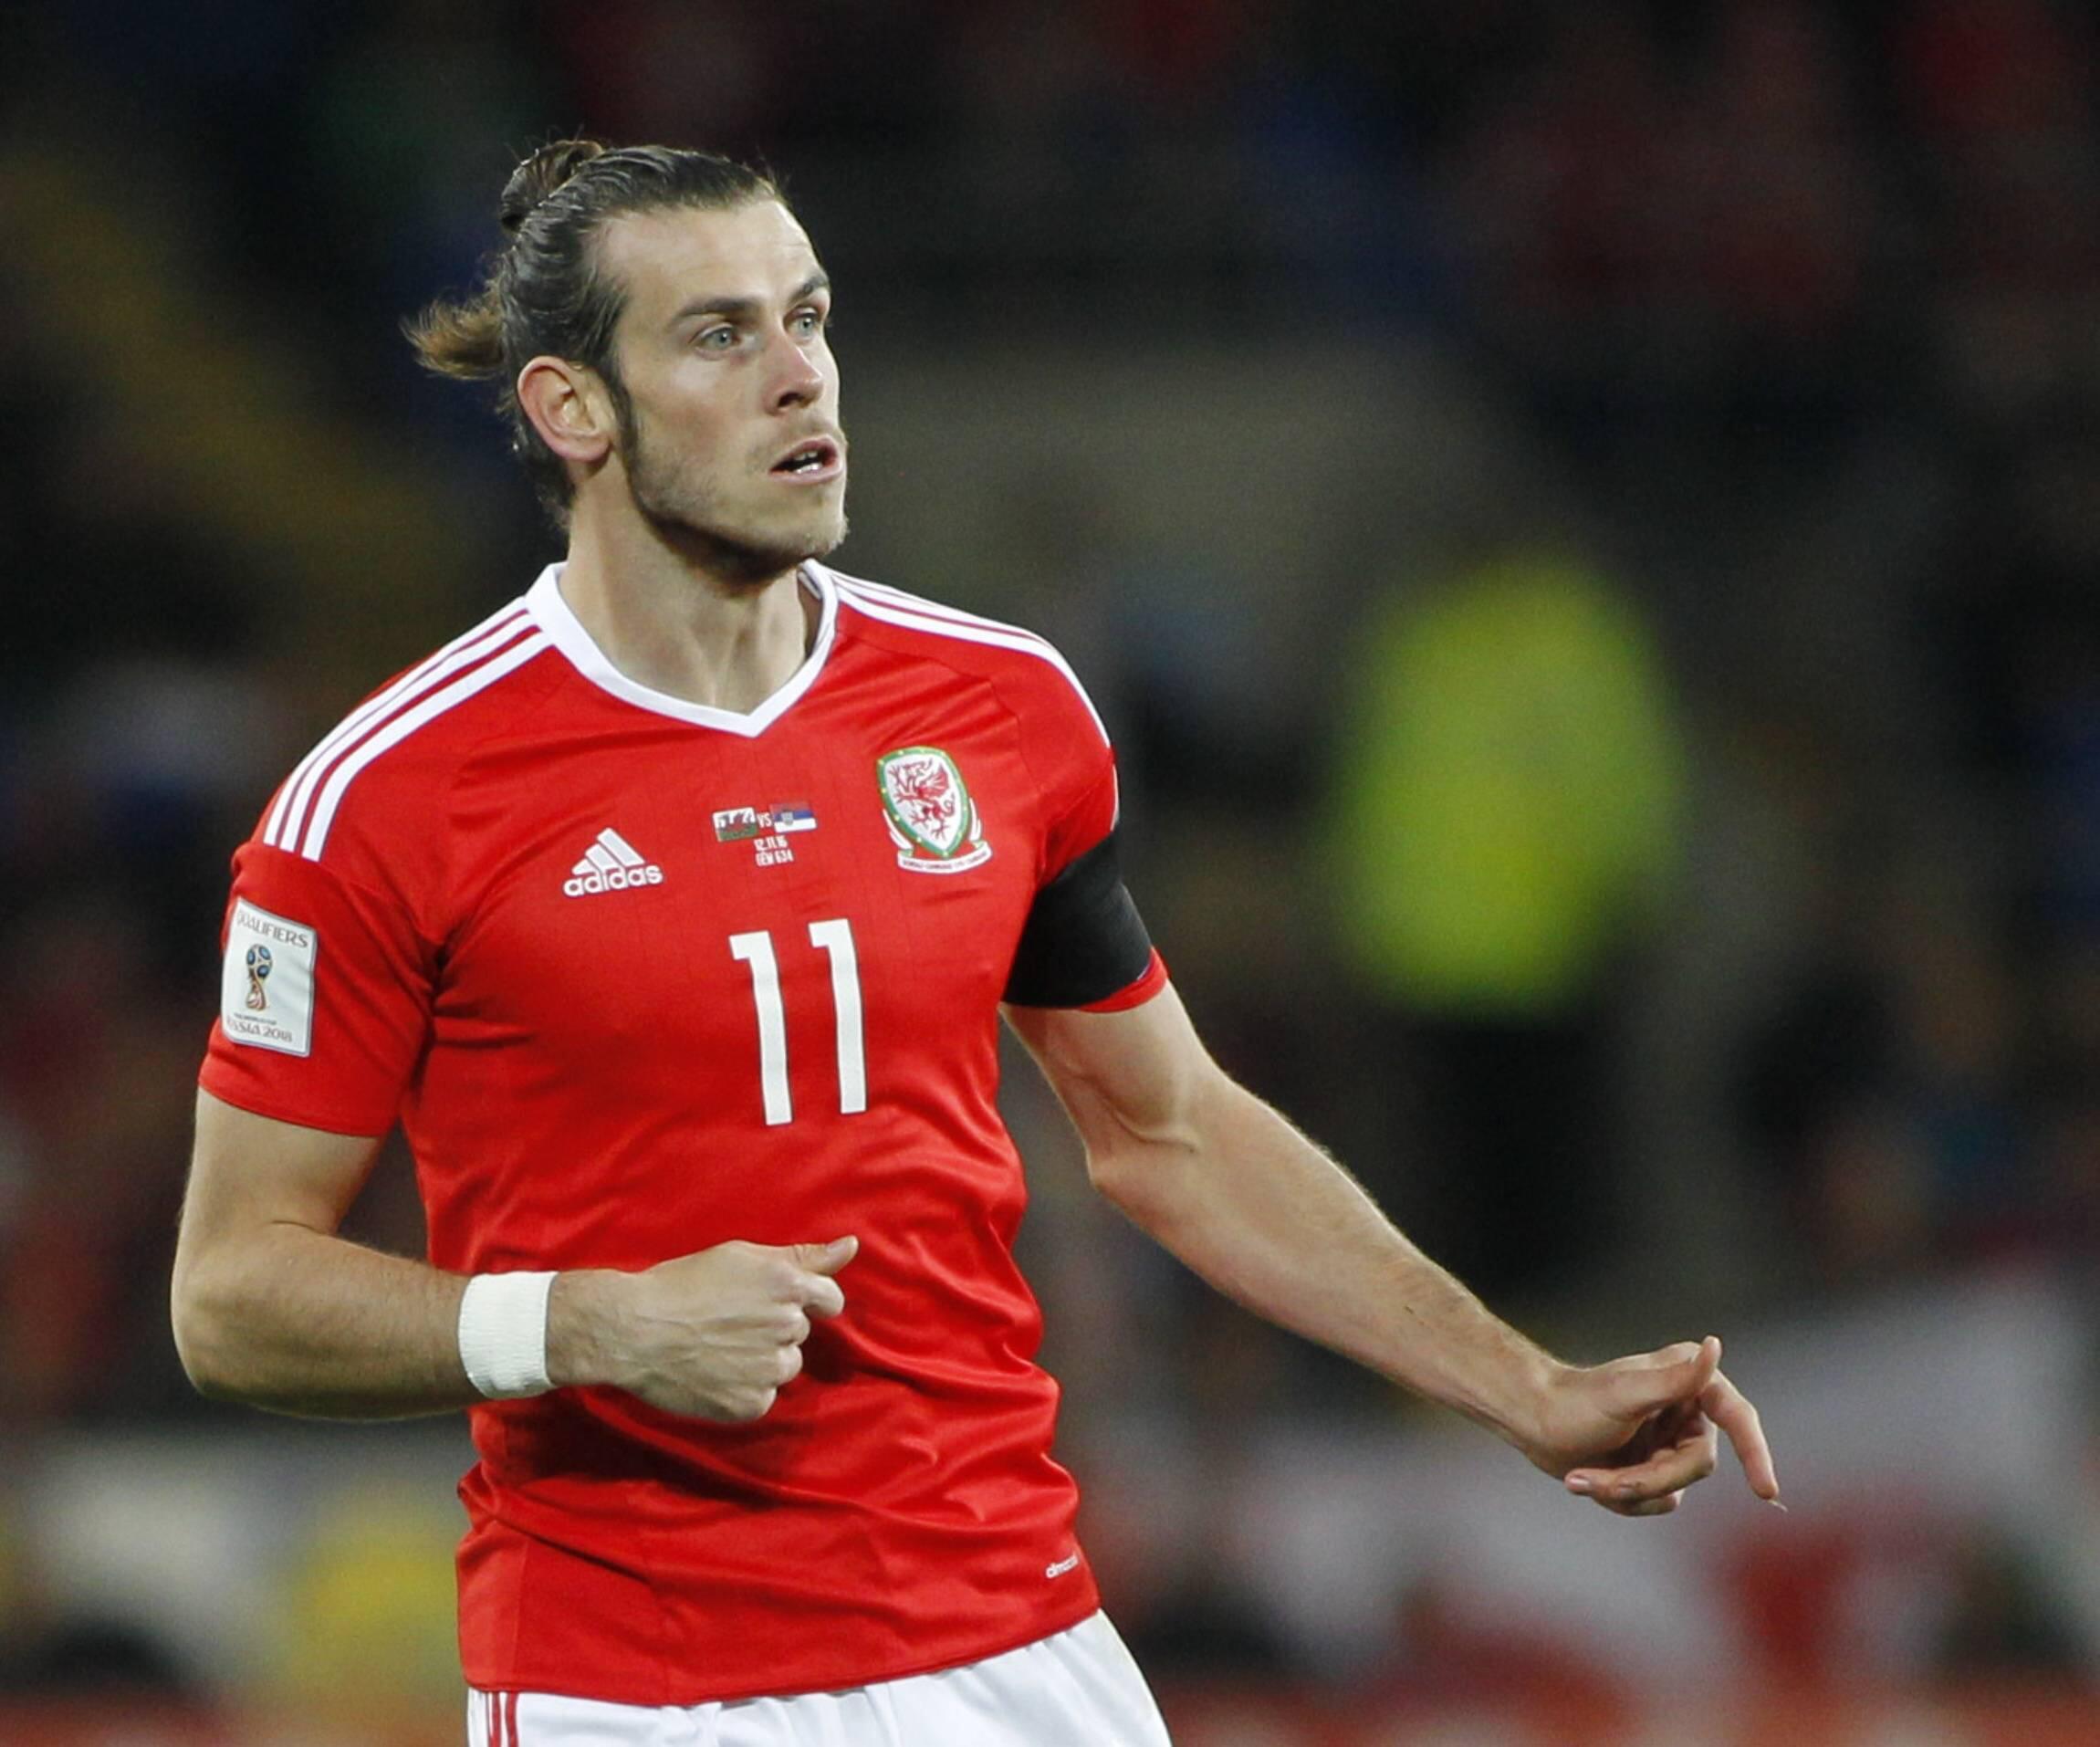 Bild zu Gareth Bale, WM 2018, Weltmeisterschaft, Qualifikation